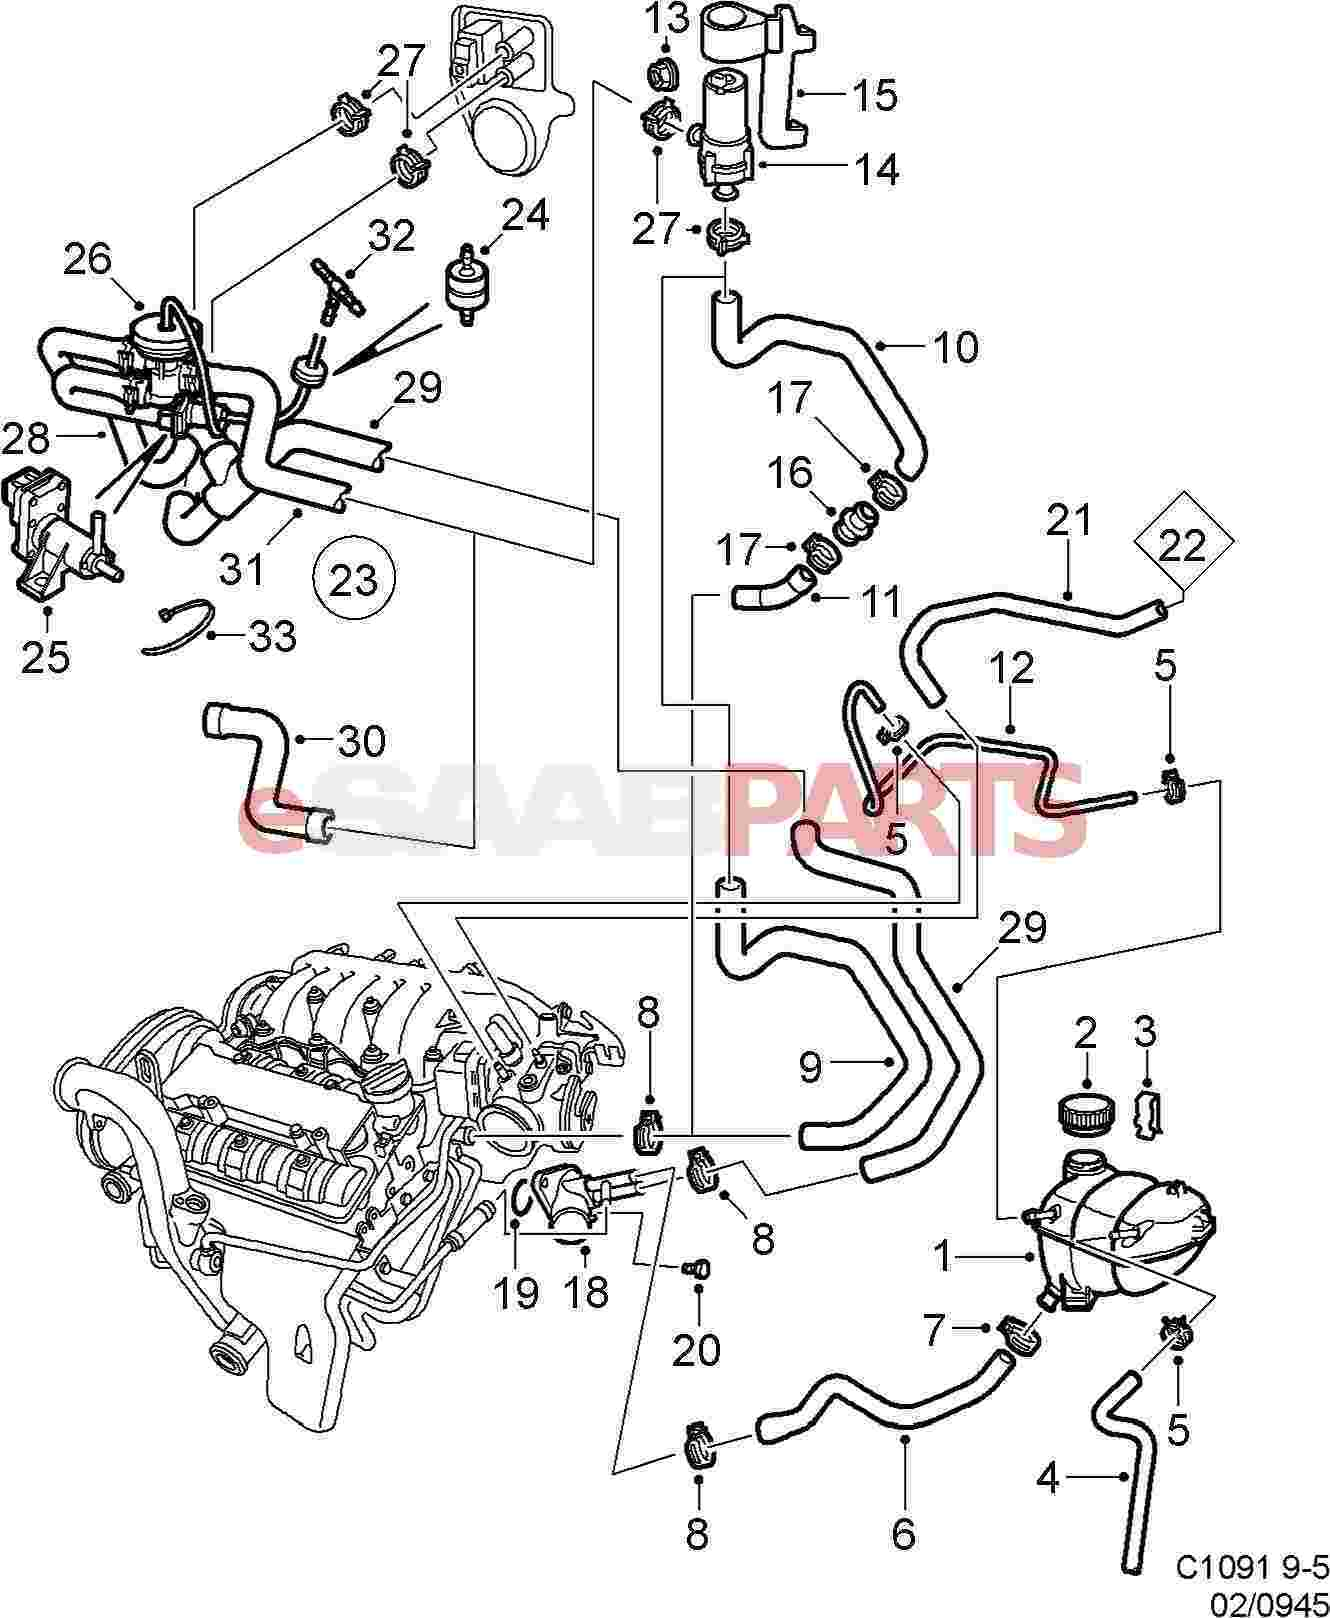 2003 saab 9 3 radiator diagram